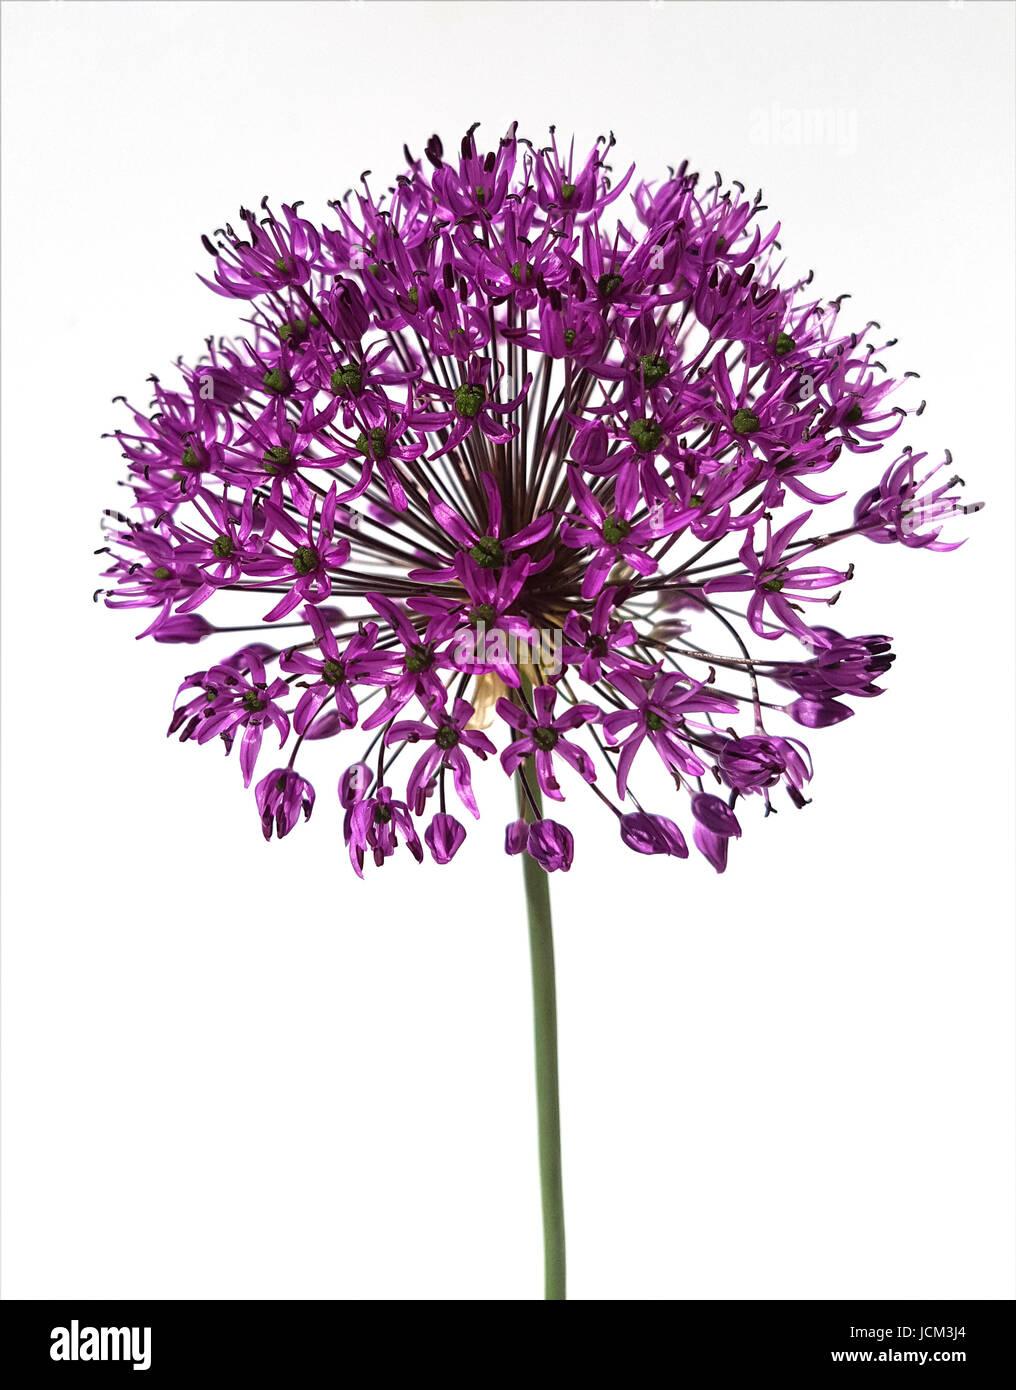 Zierlauch, Riesenlauch, Allium, - Stock Image